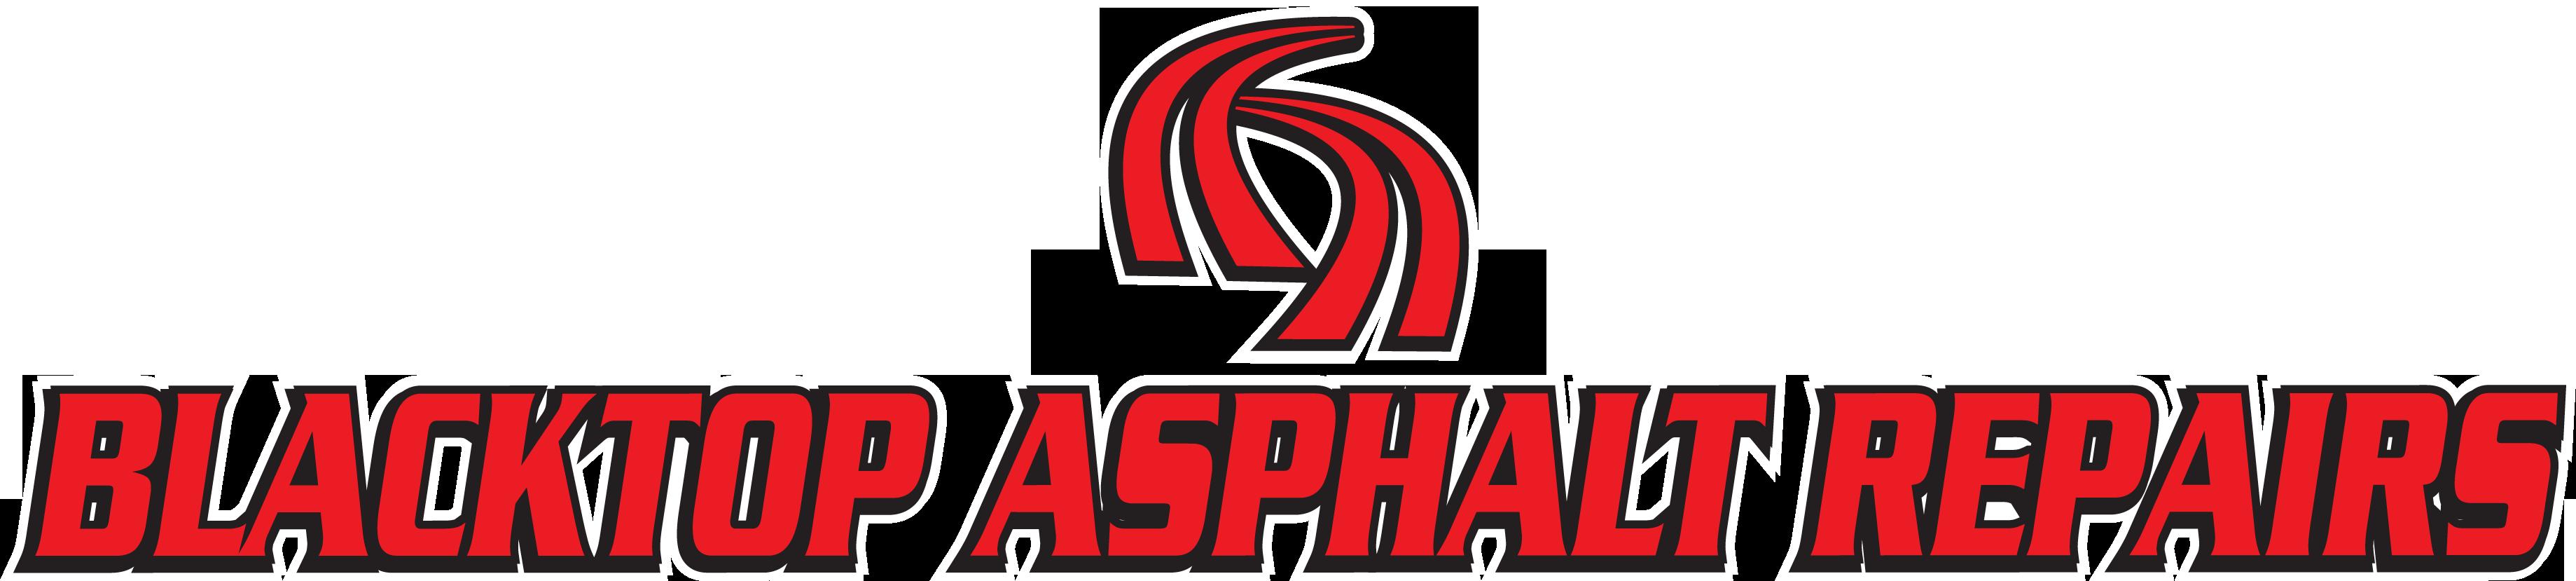 Blacktop Asphalt Repairs